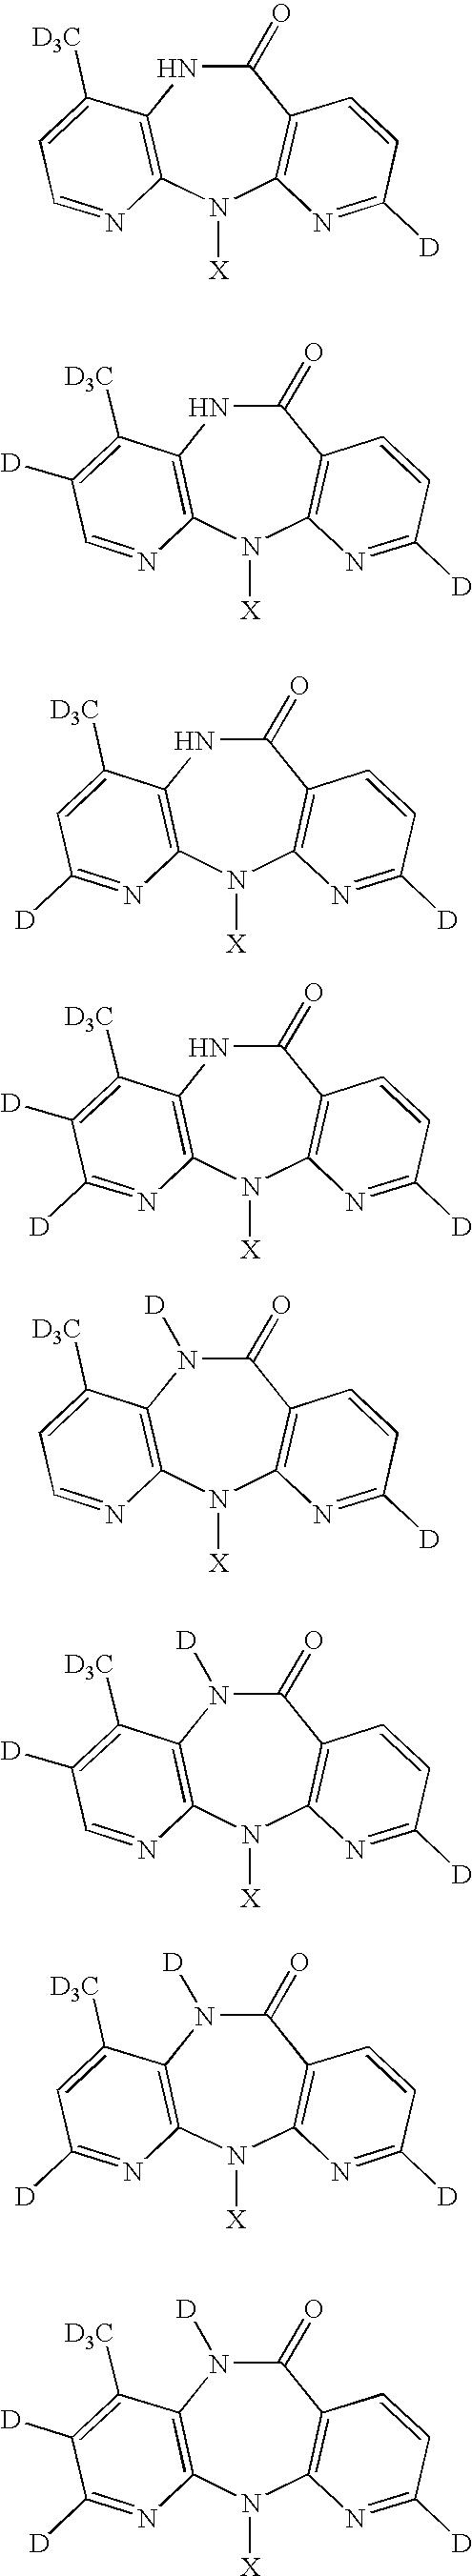 Figure US20080241289A1-20081002-C00035